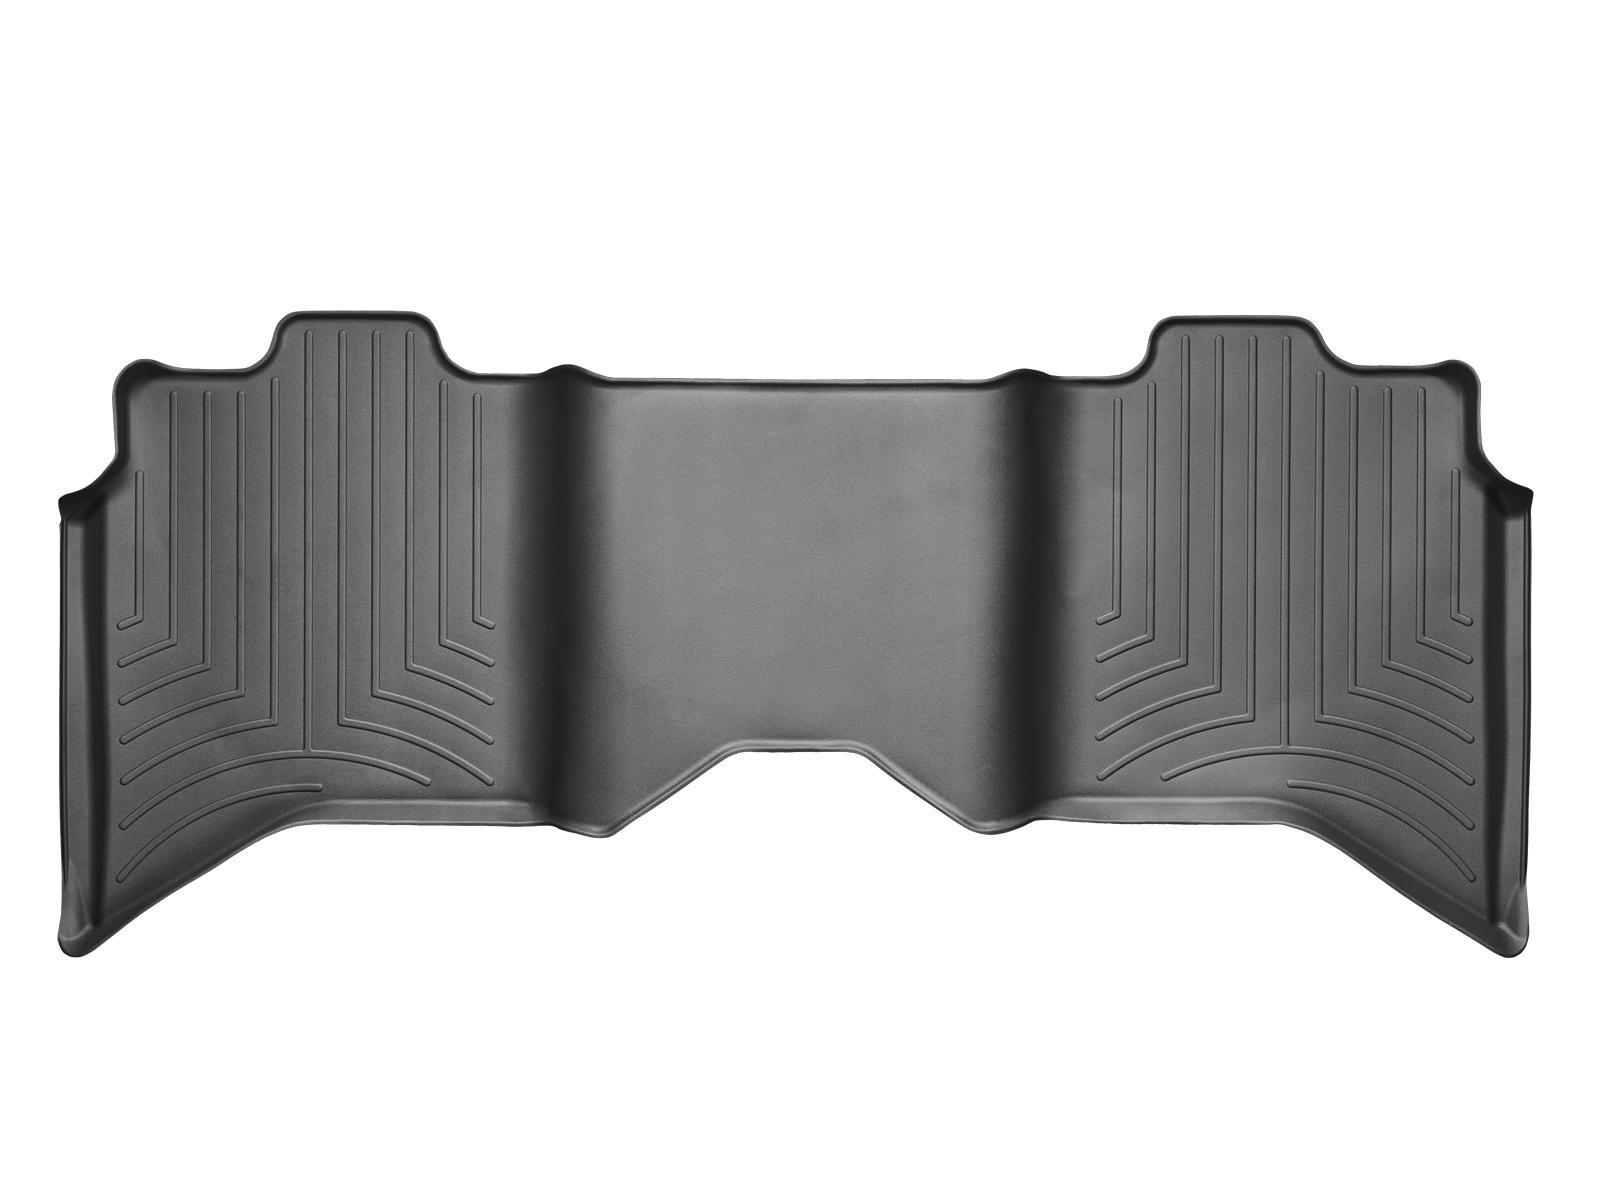 Tappeti gomma su misura bordo alto RAM Ram 1500 12>12 Nero A3193